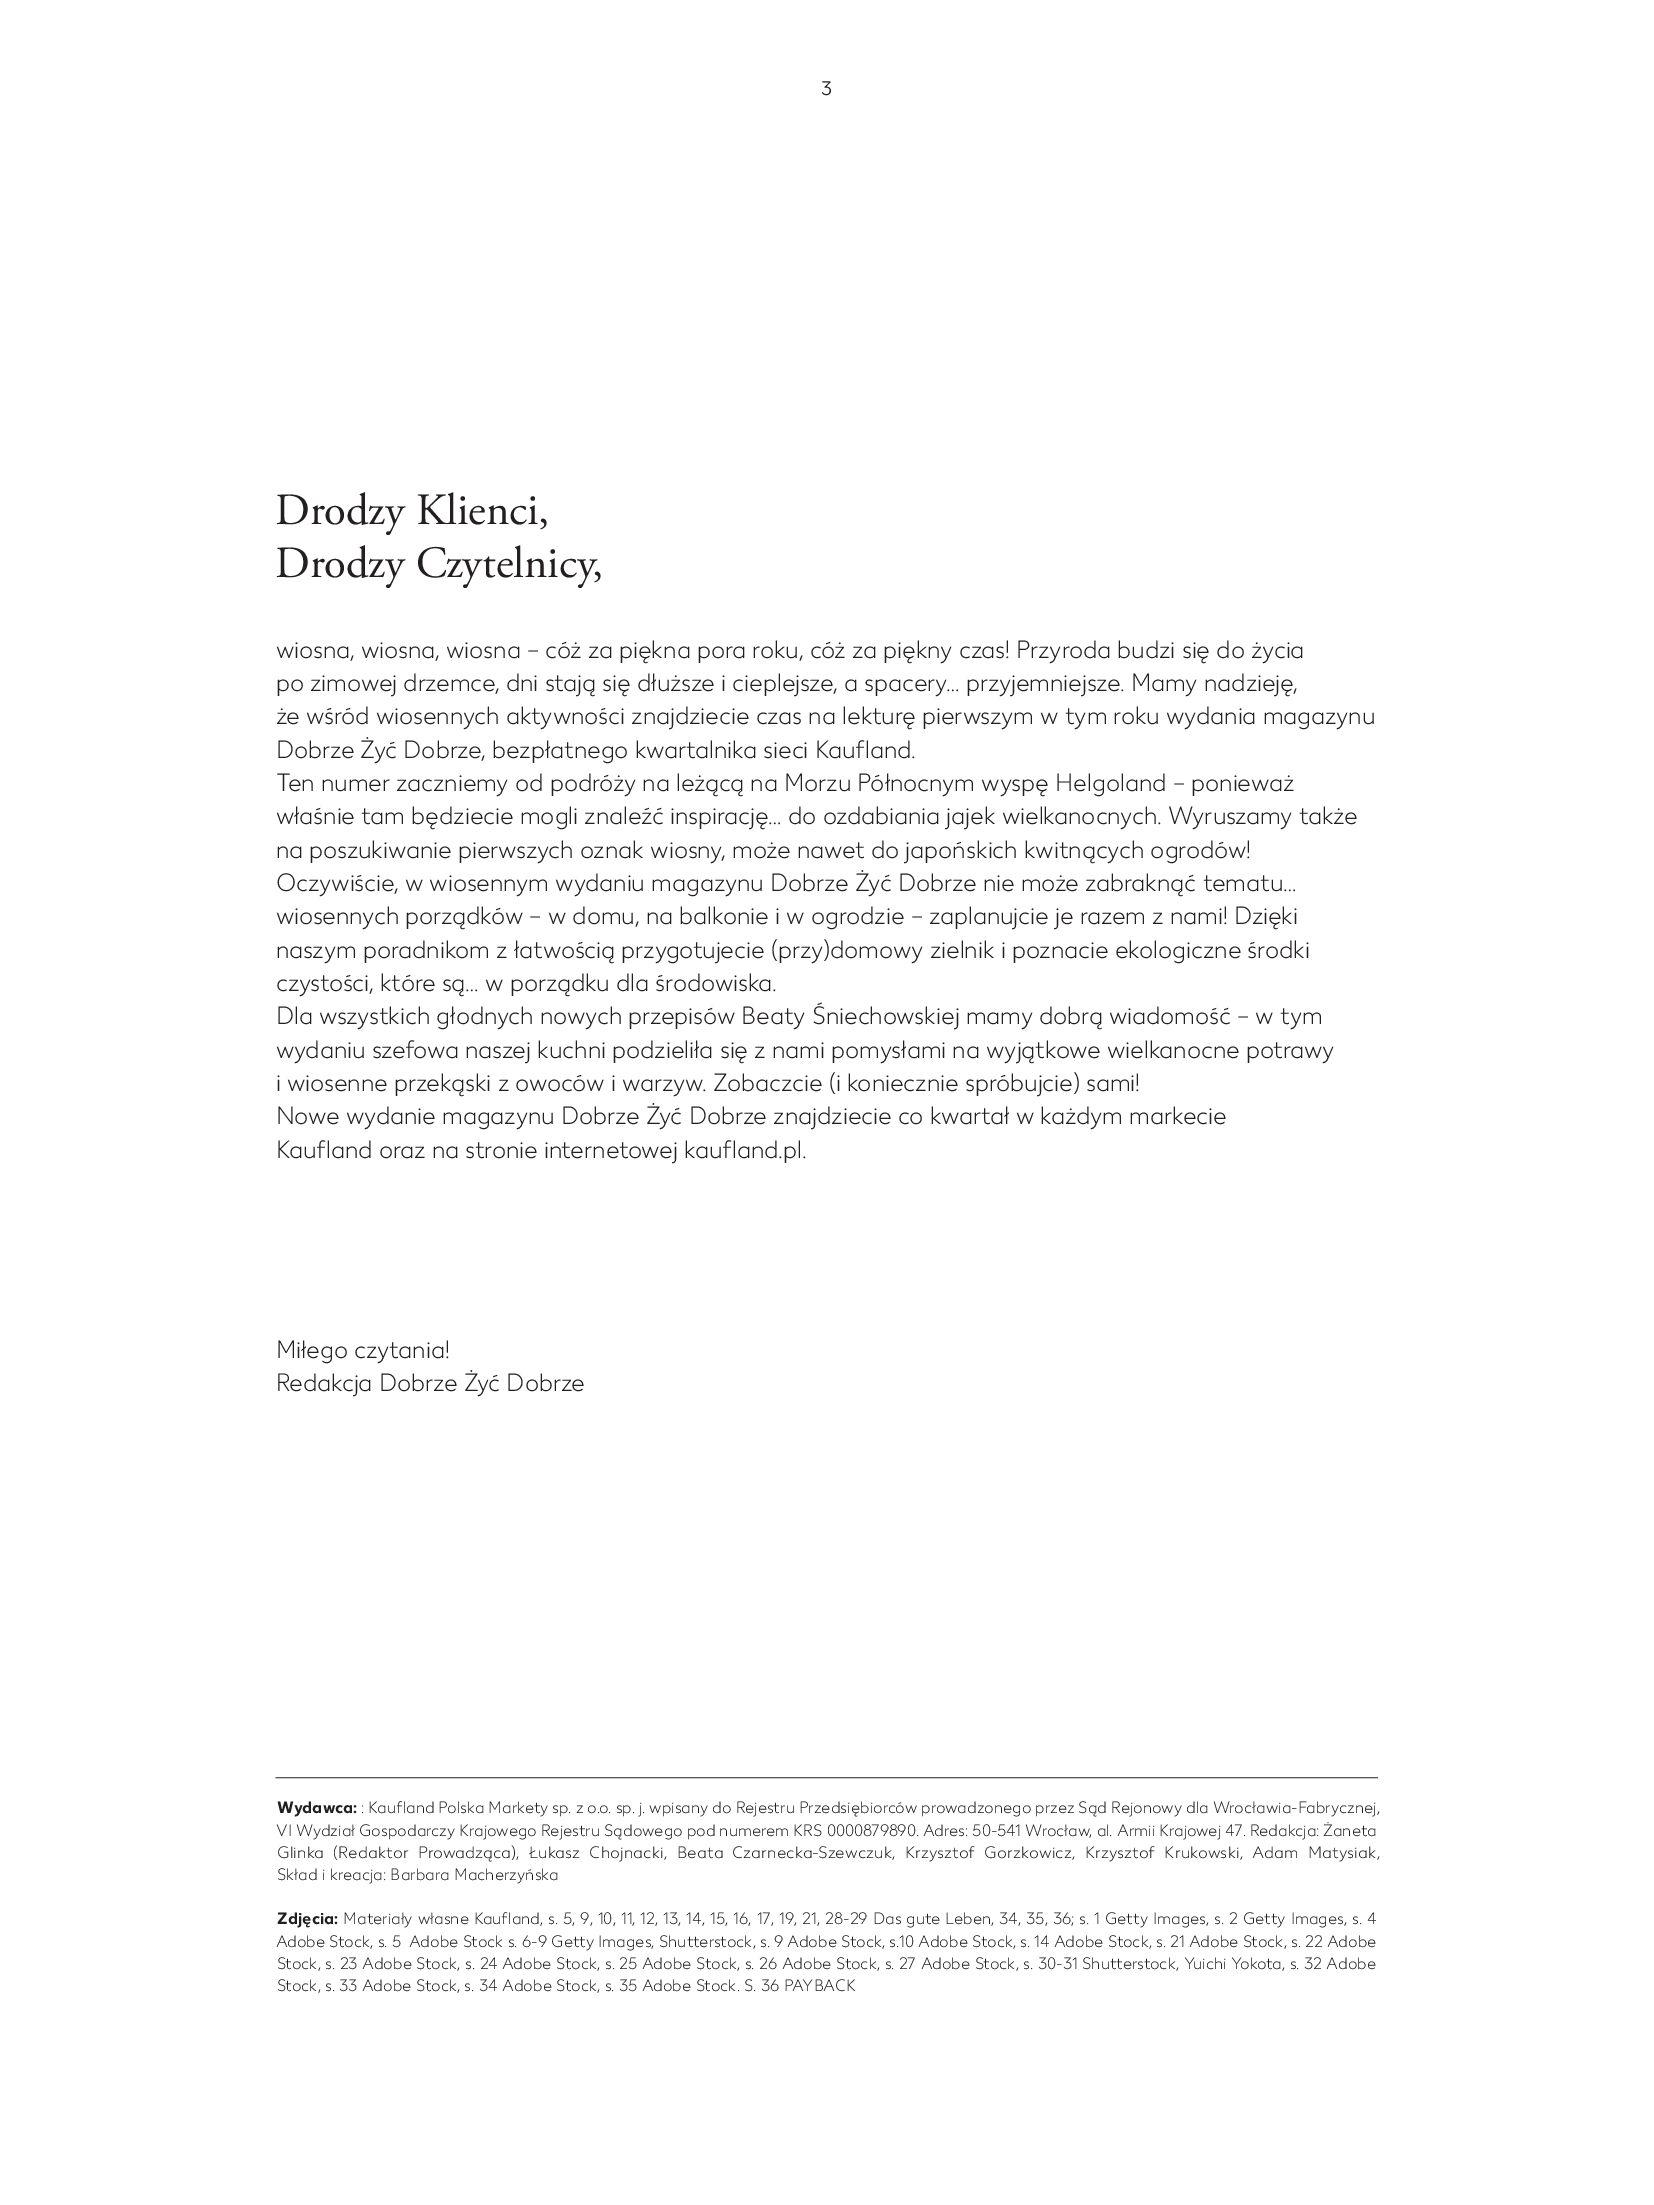 """Gazetka Kaufland: Magazyn """"Dobrze żyć dobrze"""" 2021-02-24 page-3"""